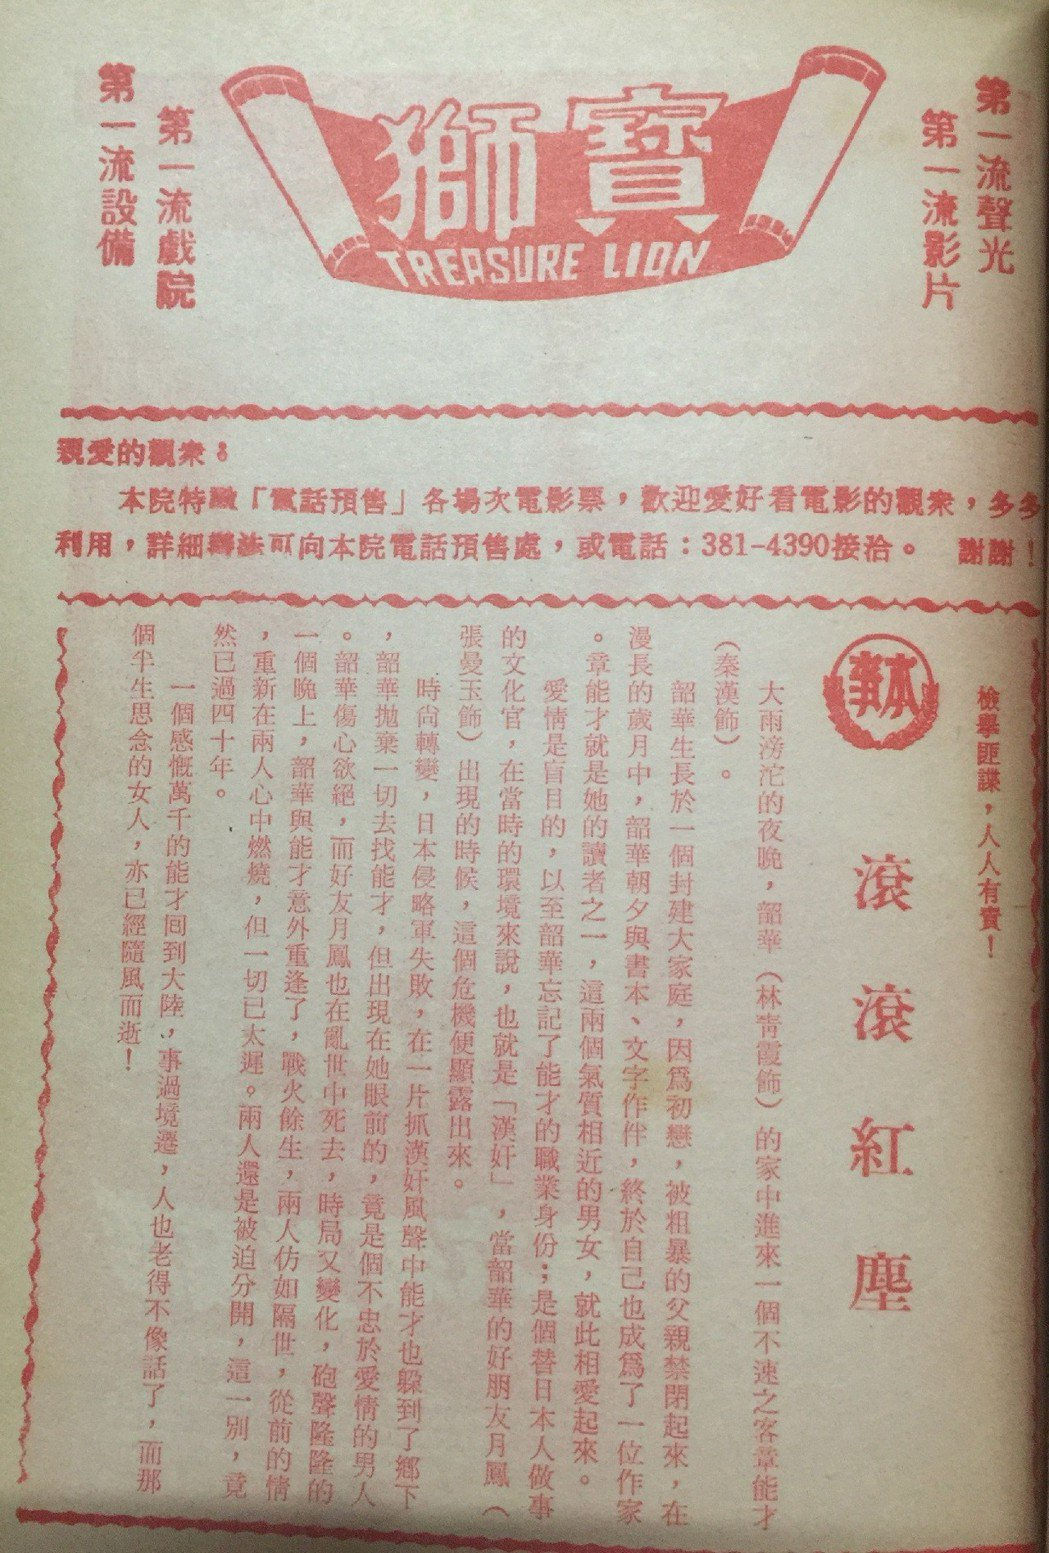 「滾滾紅塵」首度在台灣戲院上映時的電影本事